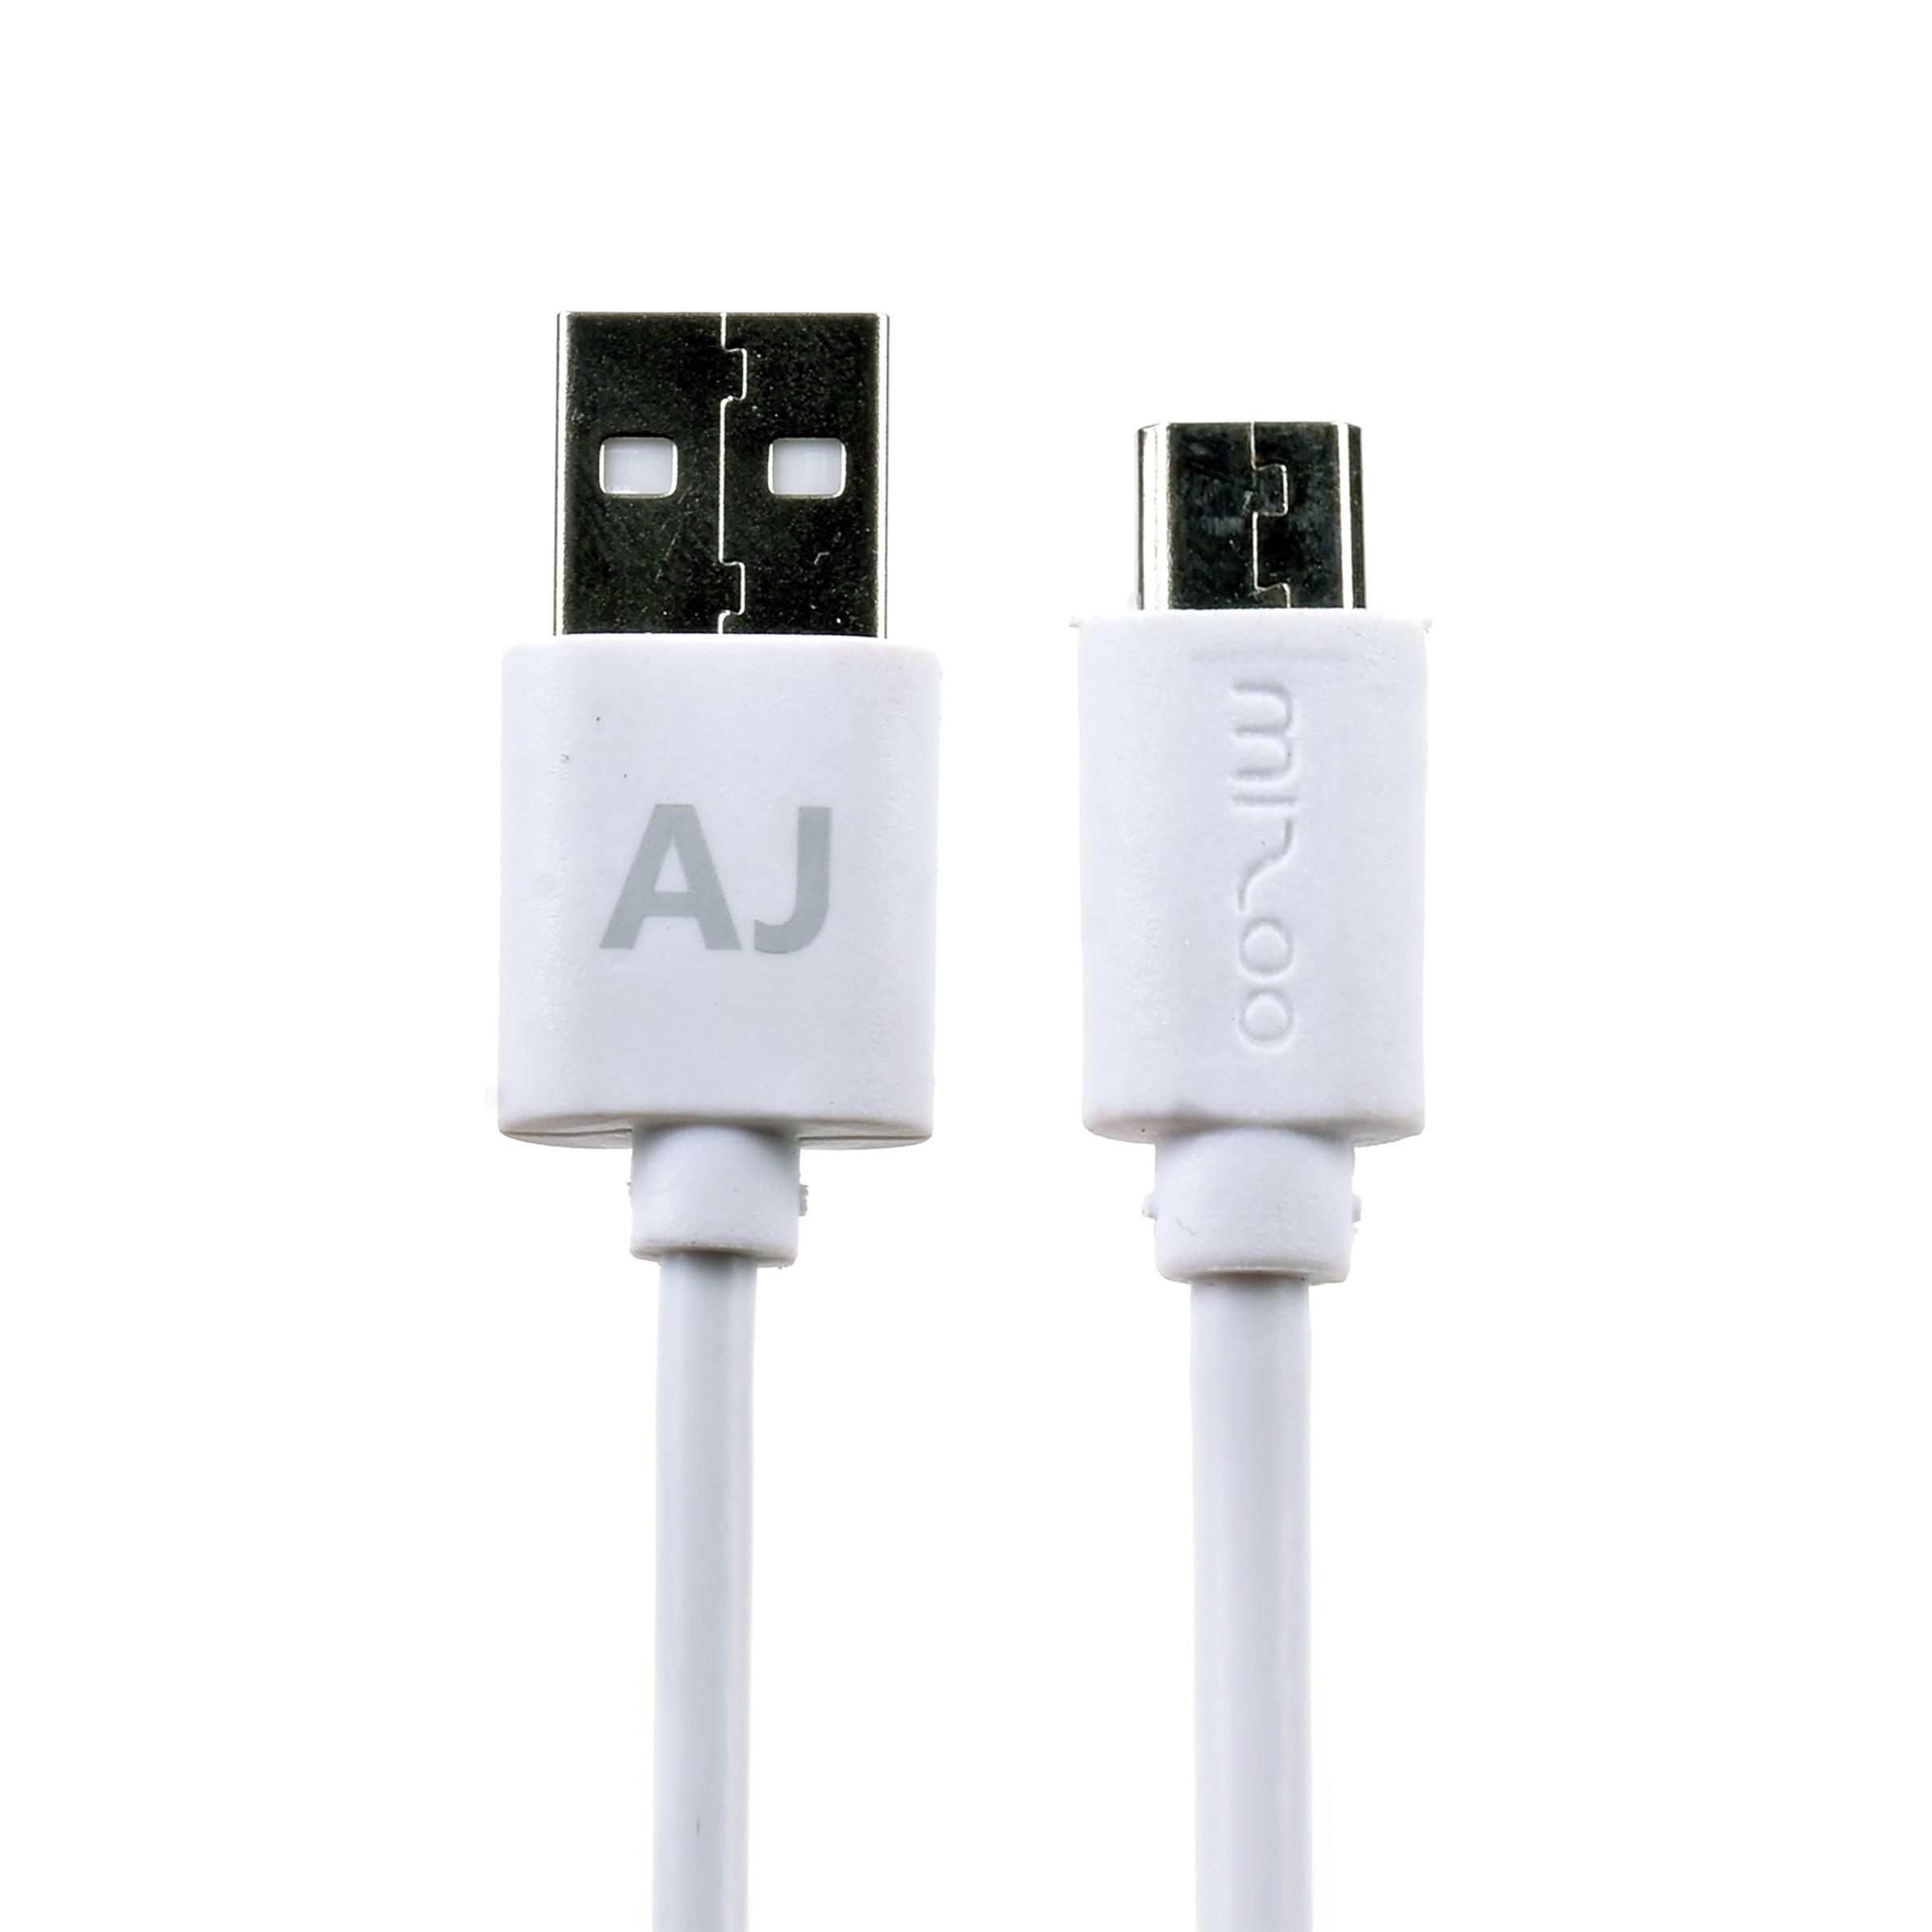 کابل تبدیل USB به microUSB میزو مدل Aj طول 1 متر